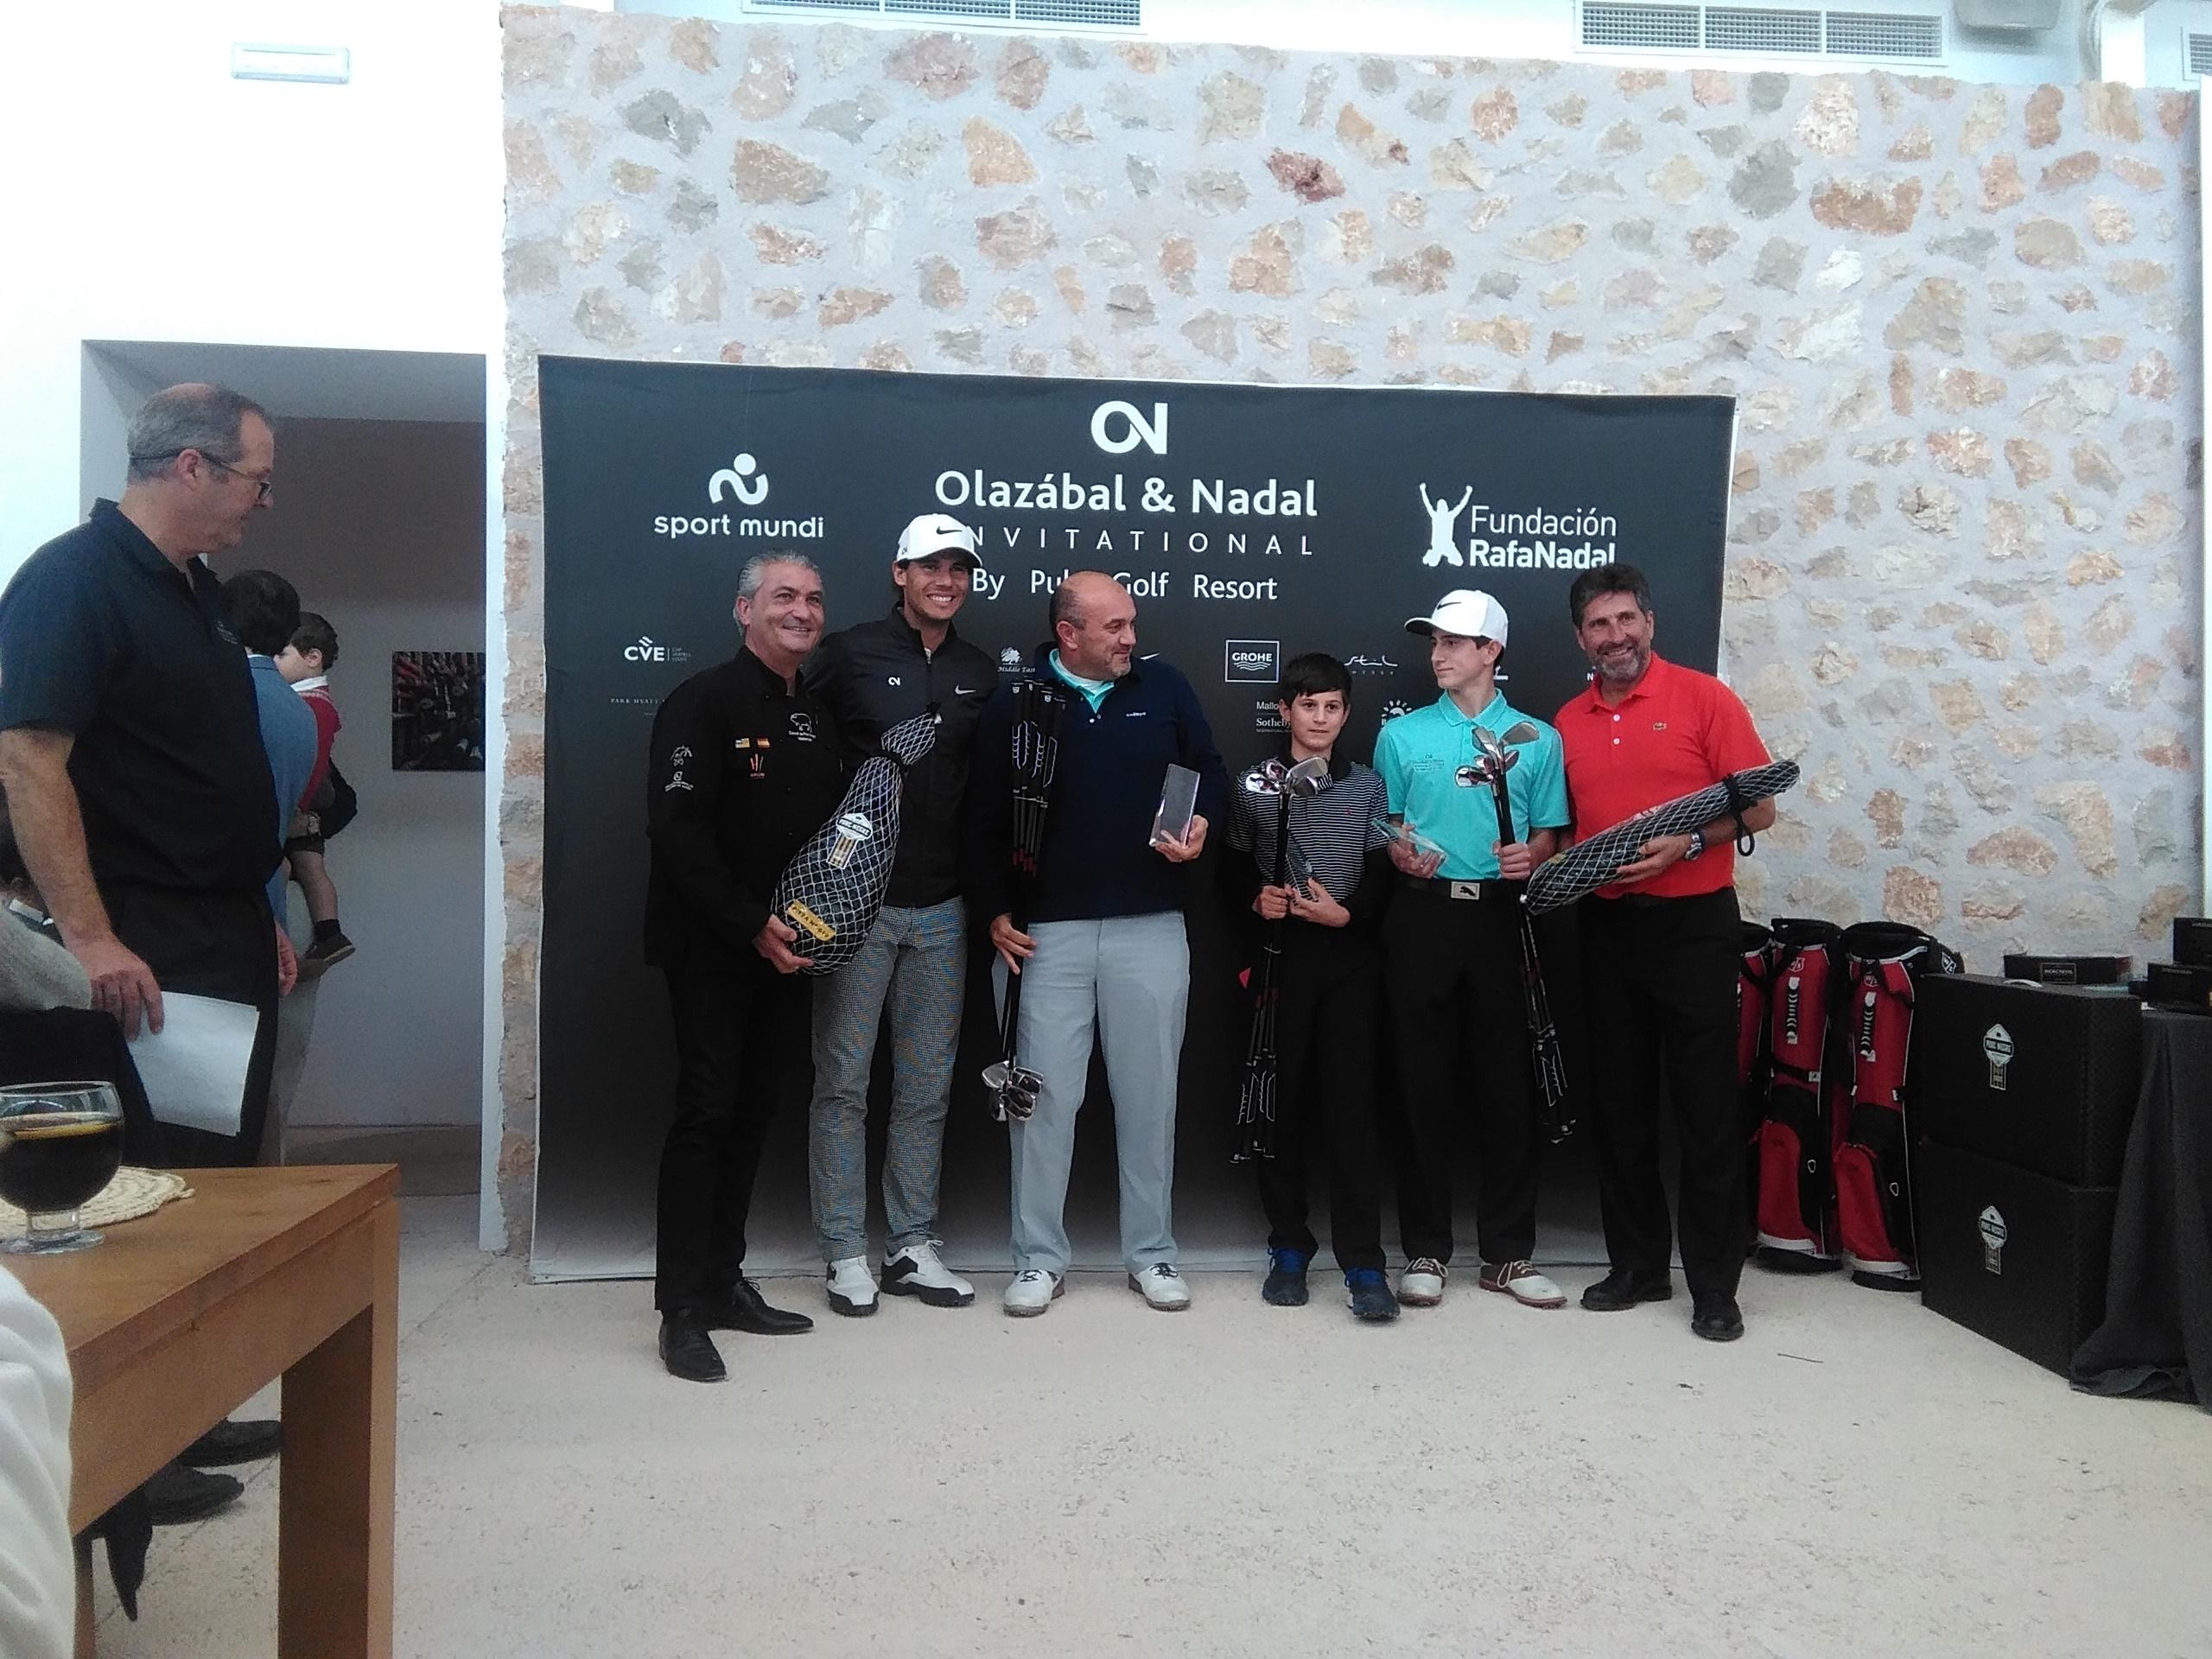 ganadores del torneo